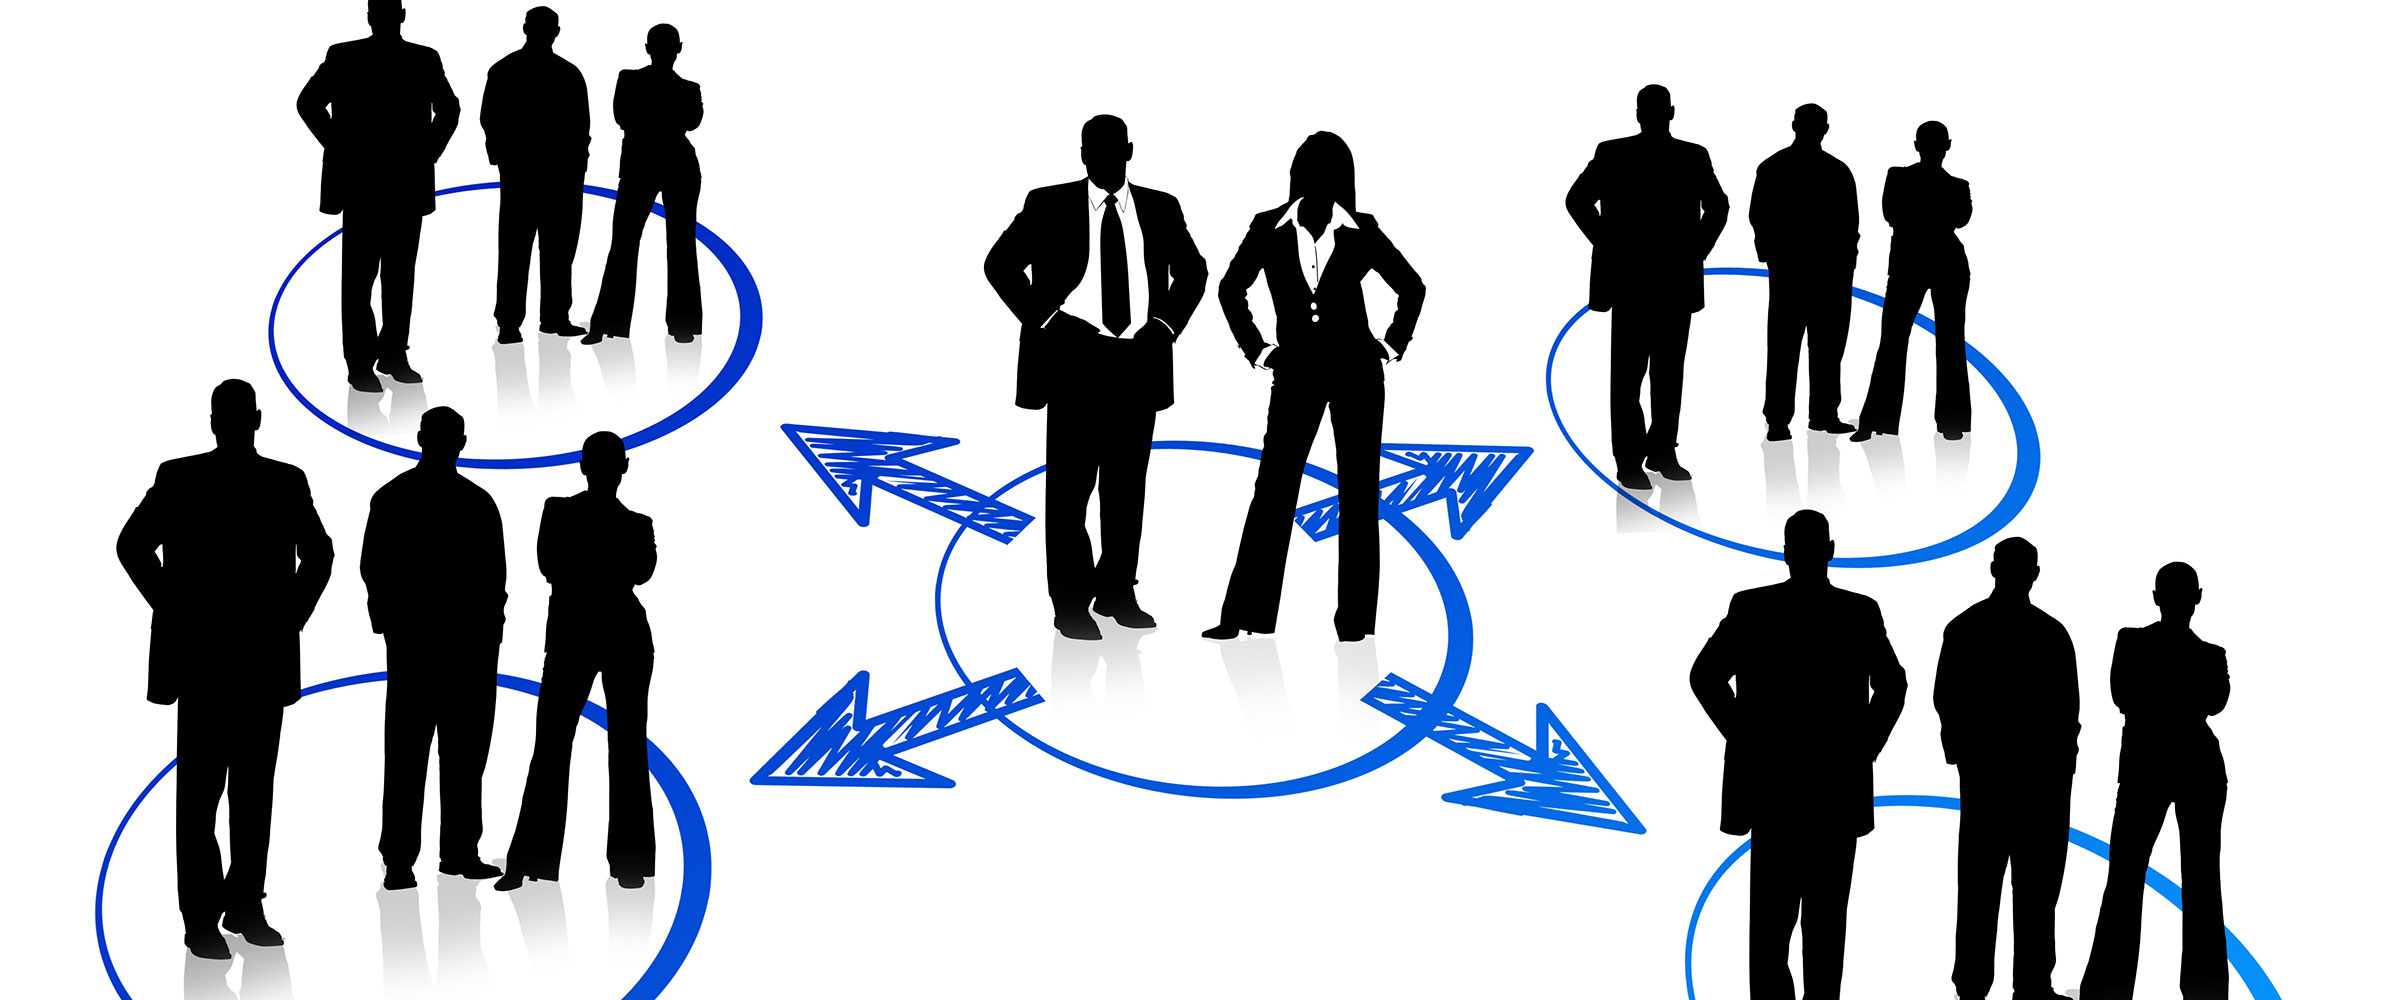 Grafische Darstellung eines Personen-Netzwerks; in der Mitte eine Frau und ein Mann, rundum, mit Pfeilen vernetzt die Partner aus den jeweiligen Bereichen.